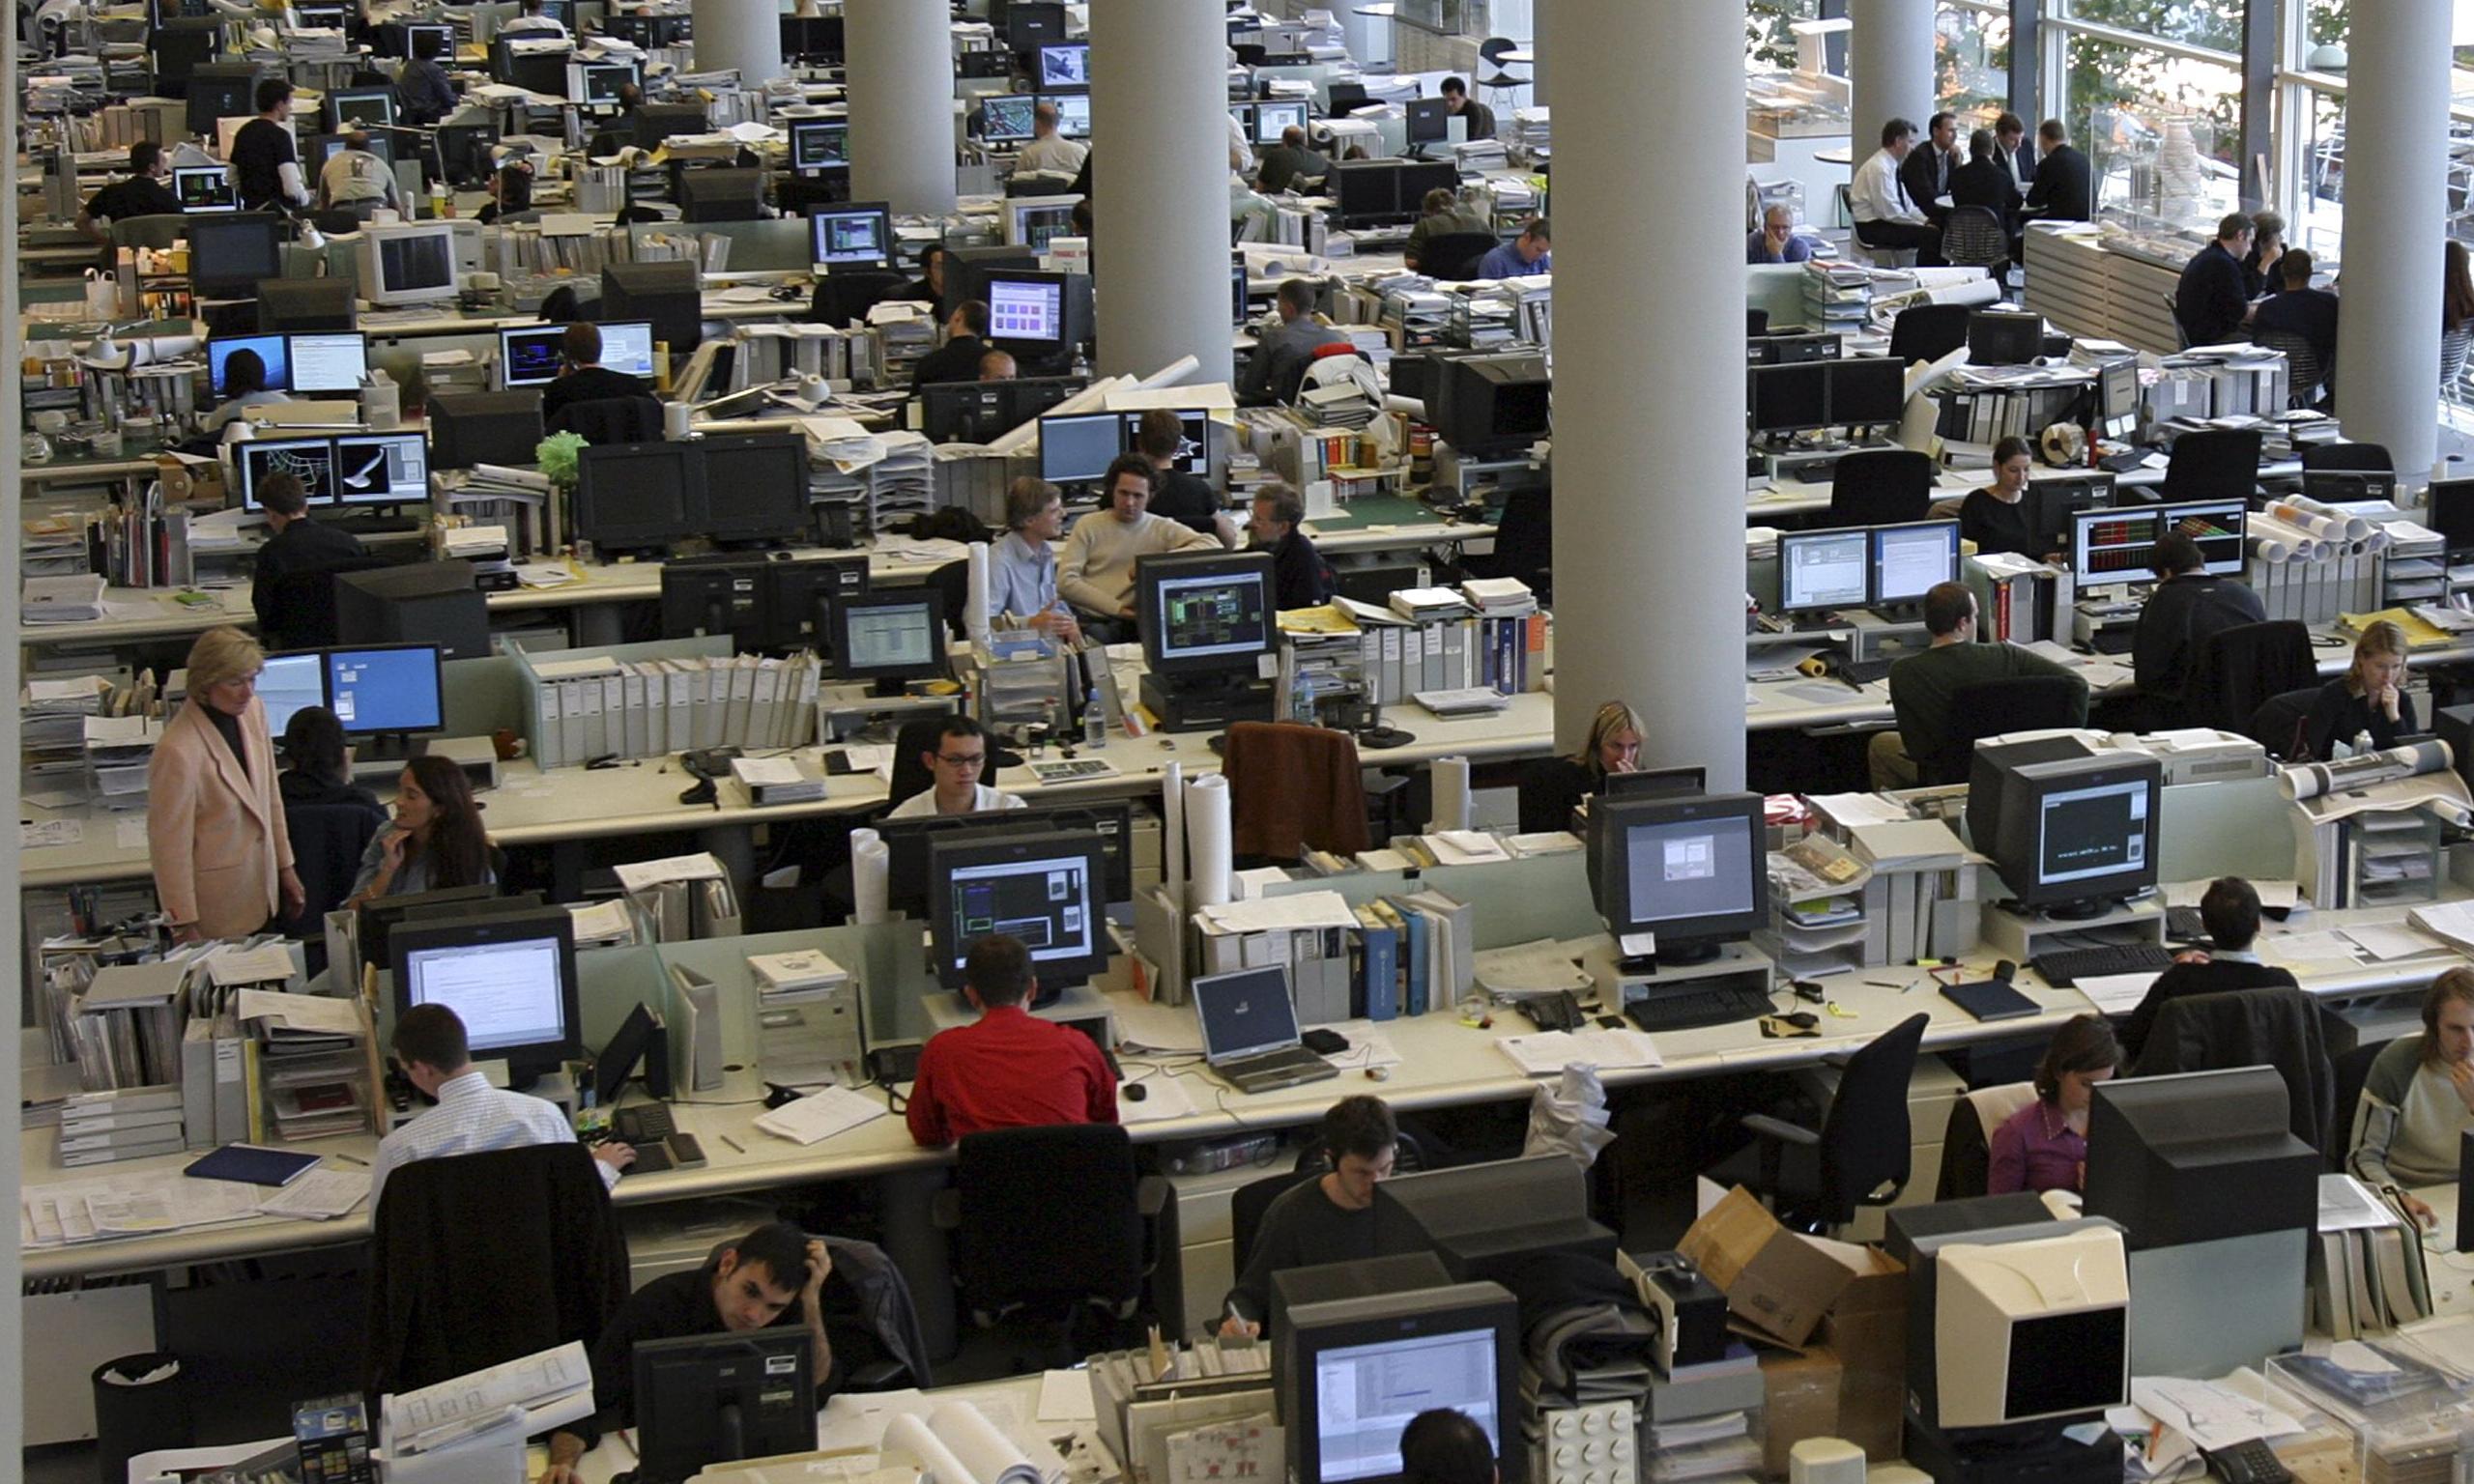 Open-space офіс: 7 рад для тих, кому складно в них працювати. Фото 2